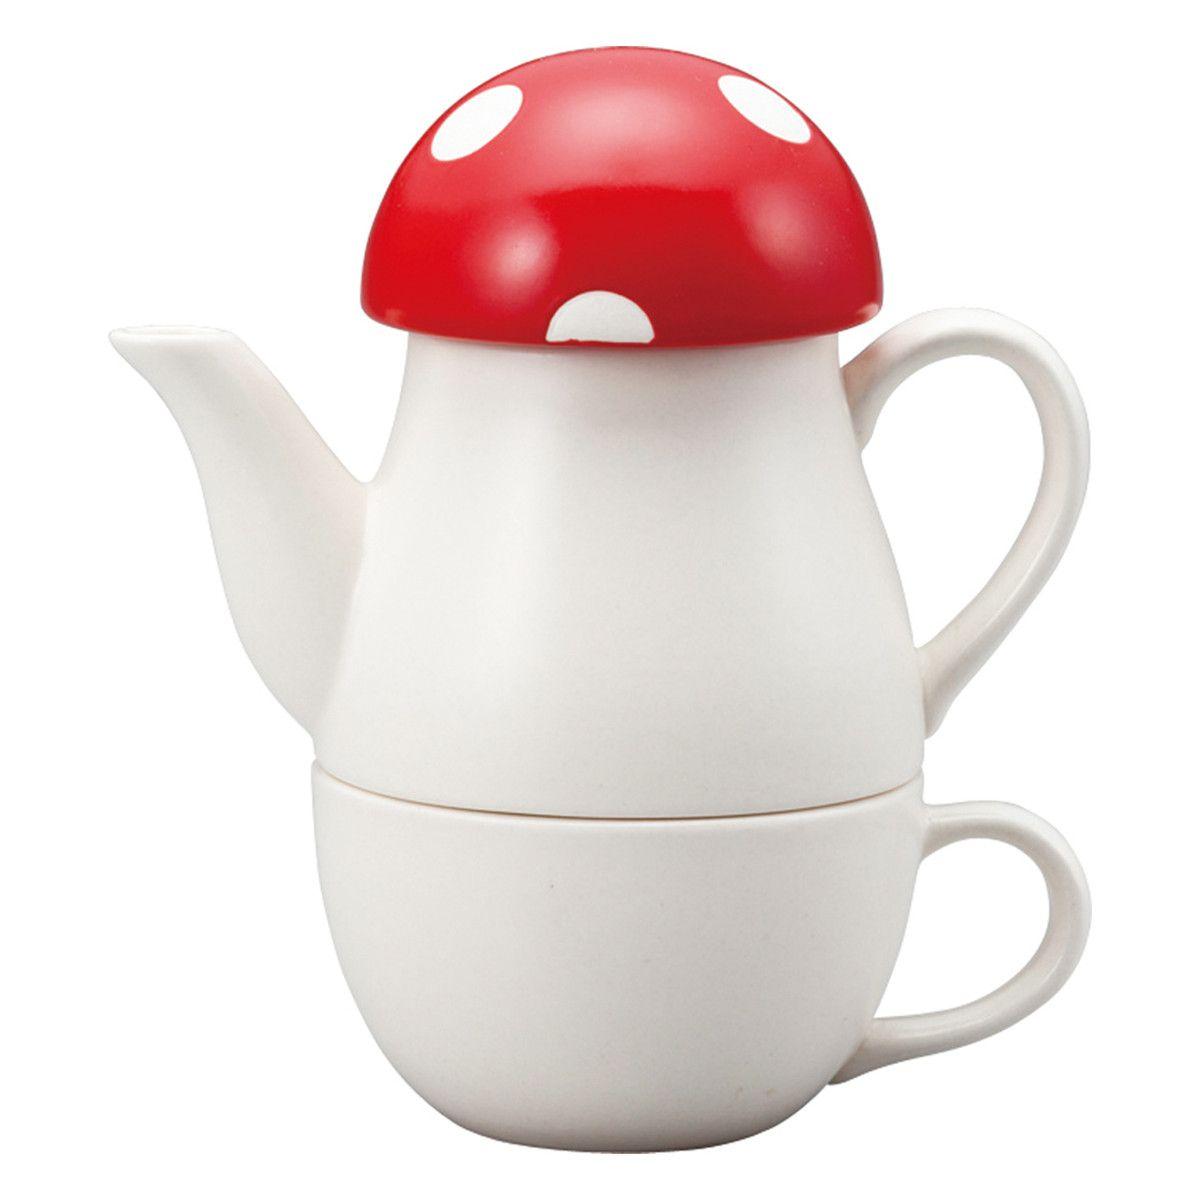 Mushroom Tea For One Set by Japanese Gift Market